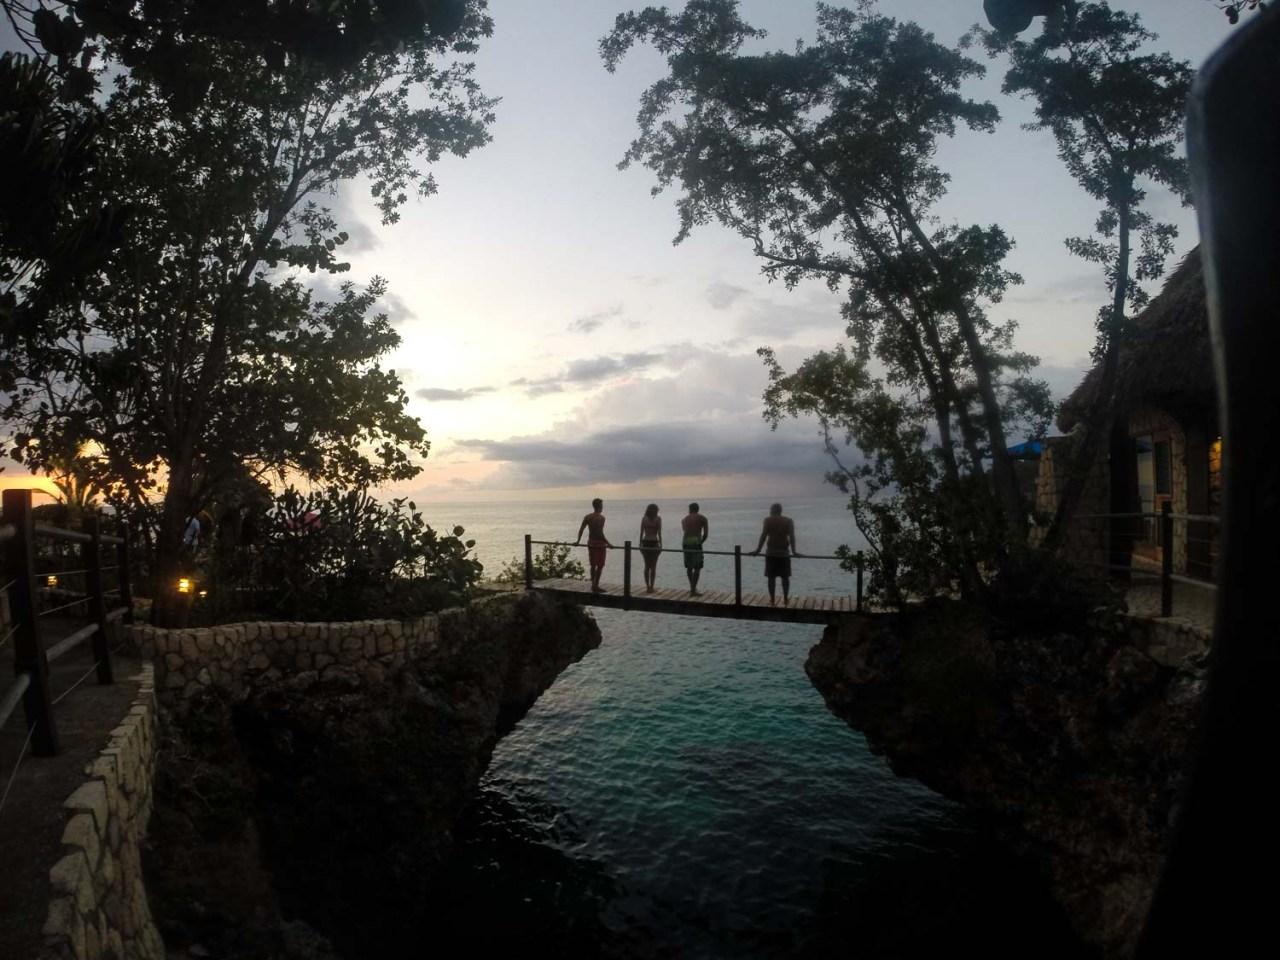 jamaica rockhouse bridge